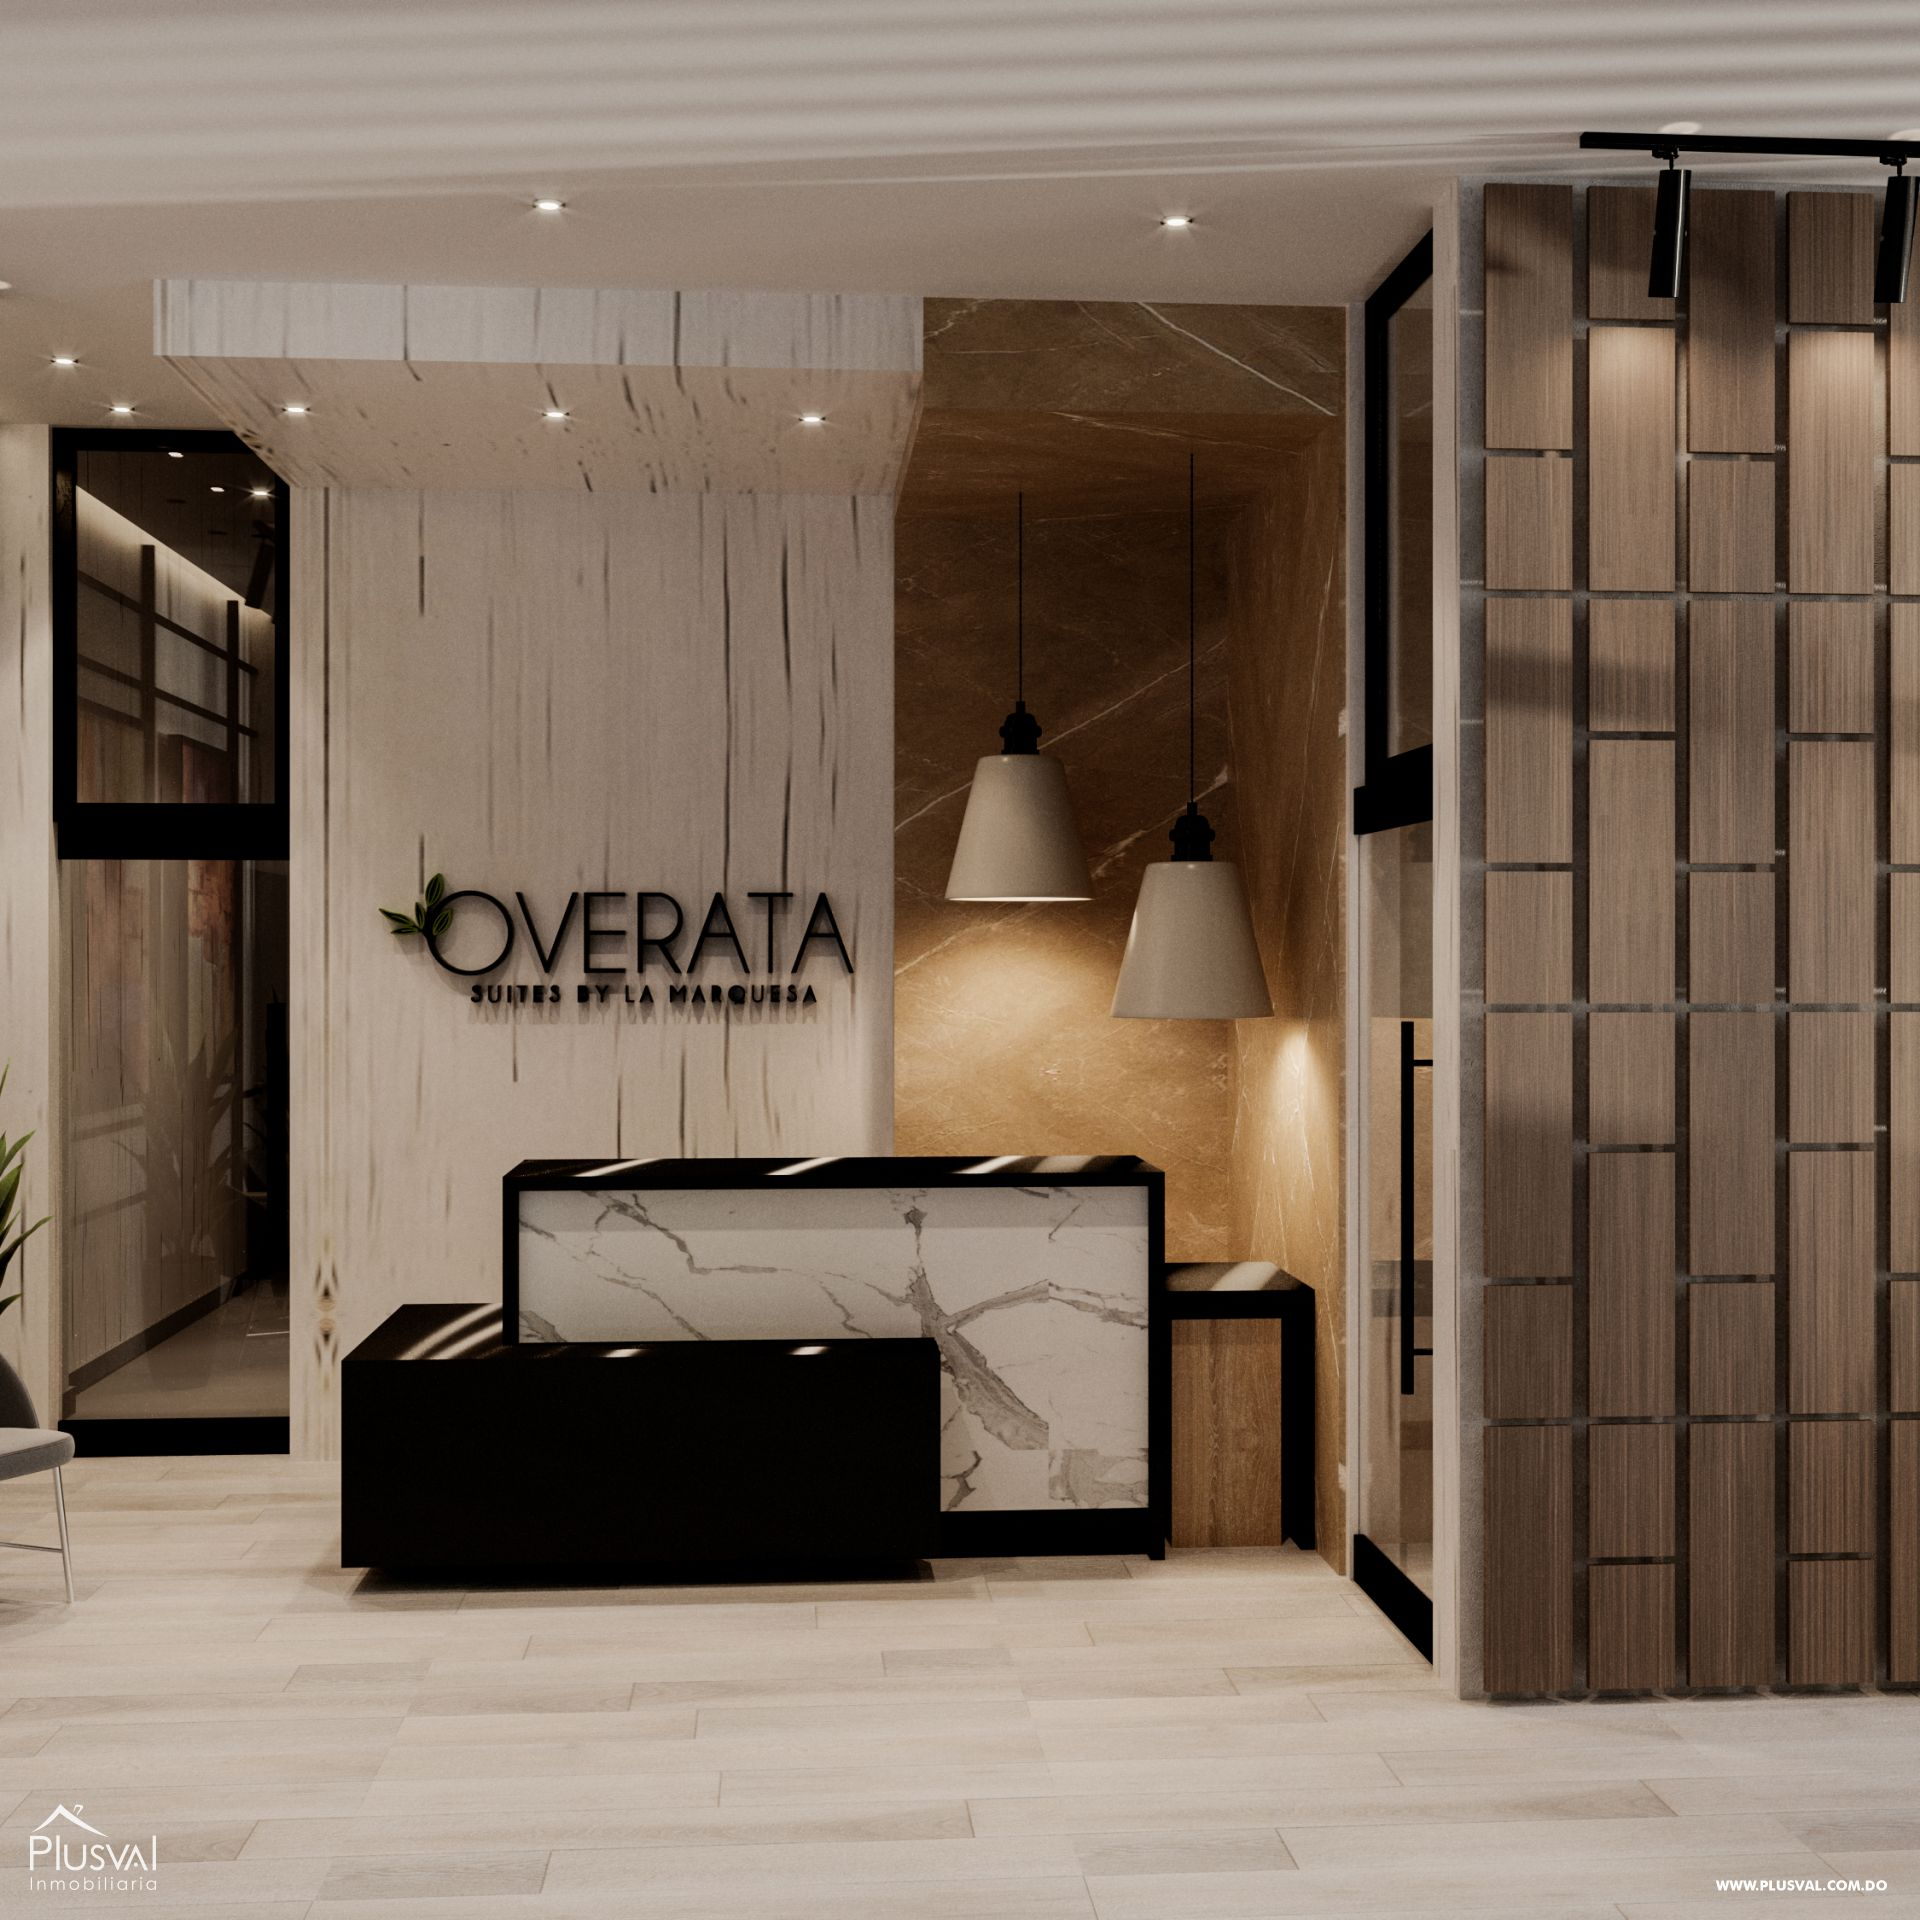 OVERATA Suites by La Marquesa